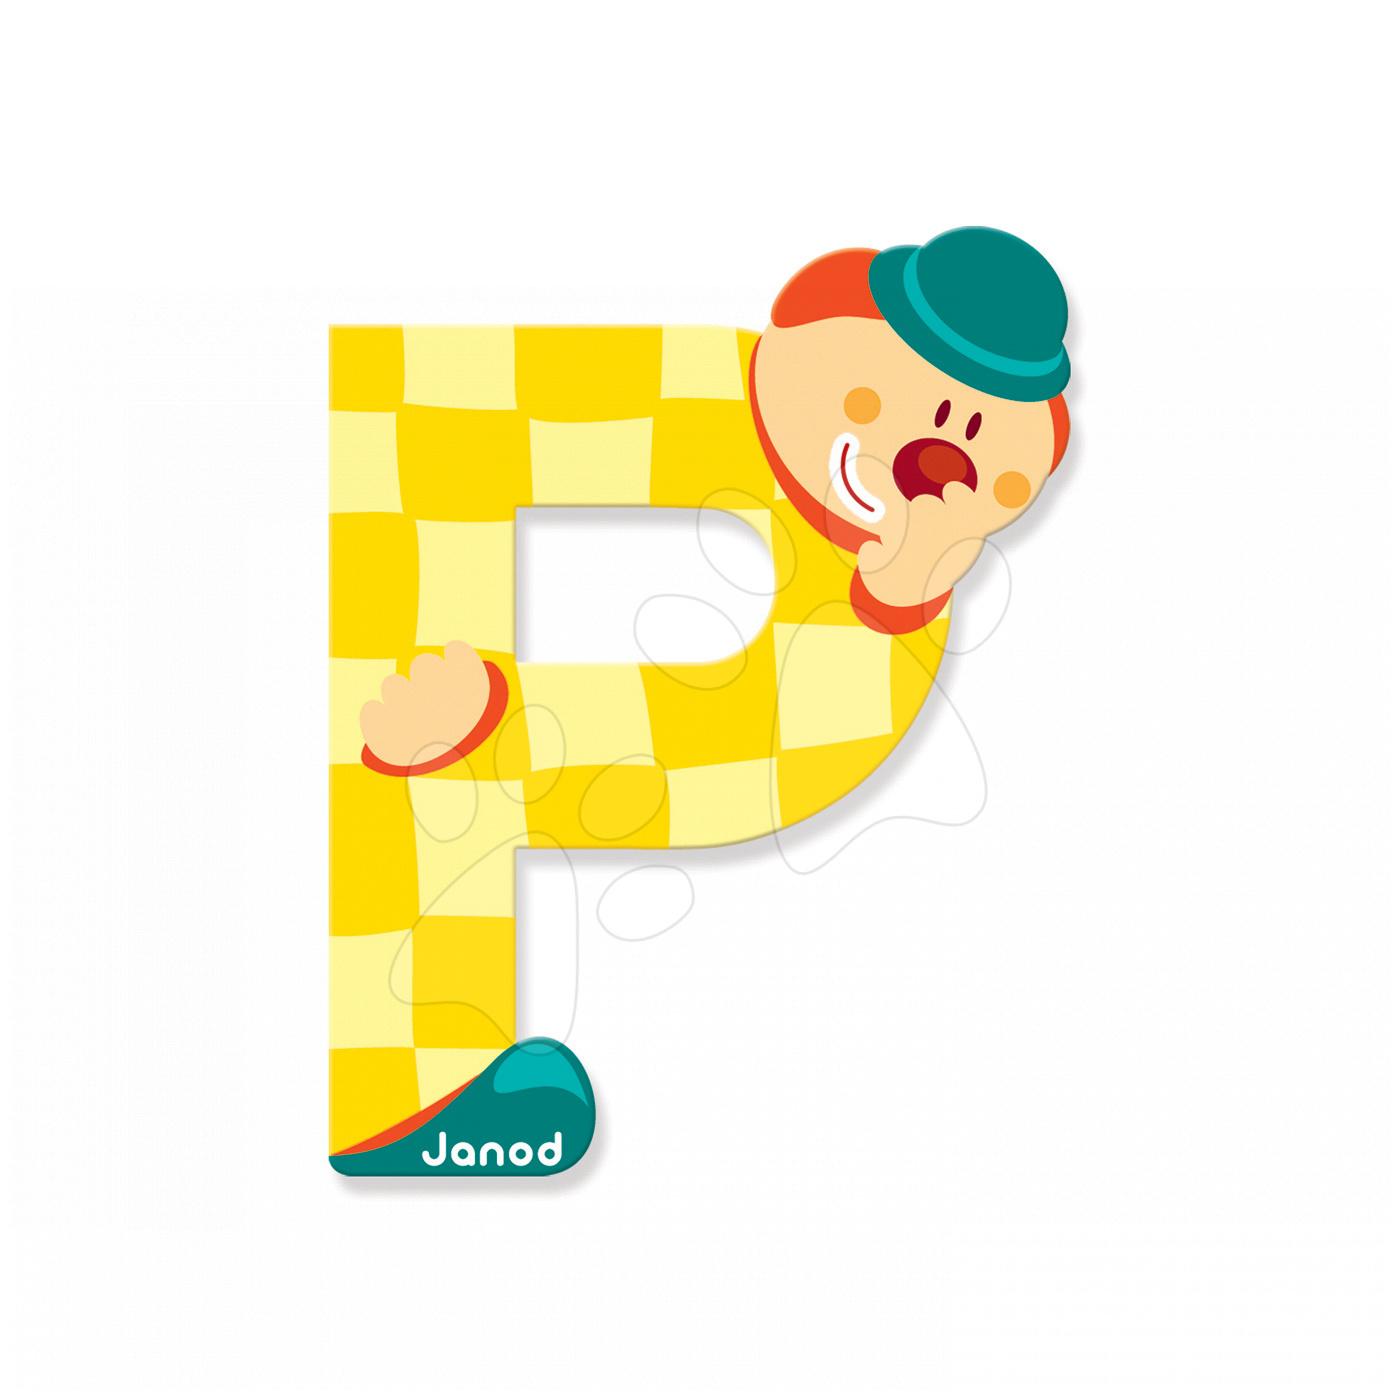 Dekorácie do detských izieb - Drevené písmeno P Clown Letter Janod lepiace 9 cm žlté od 3 rokov